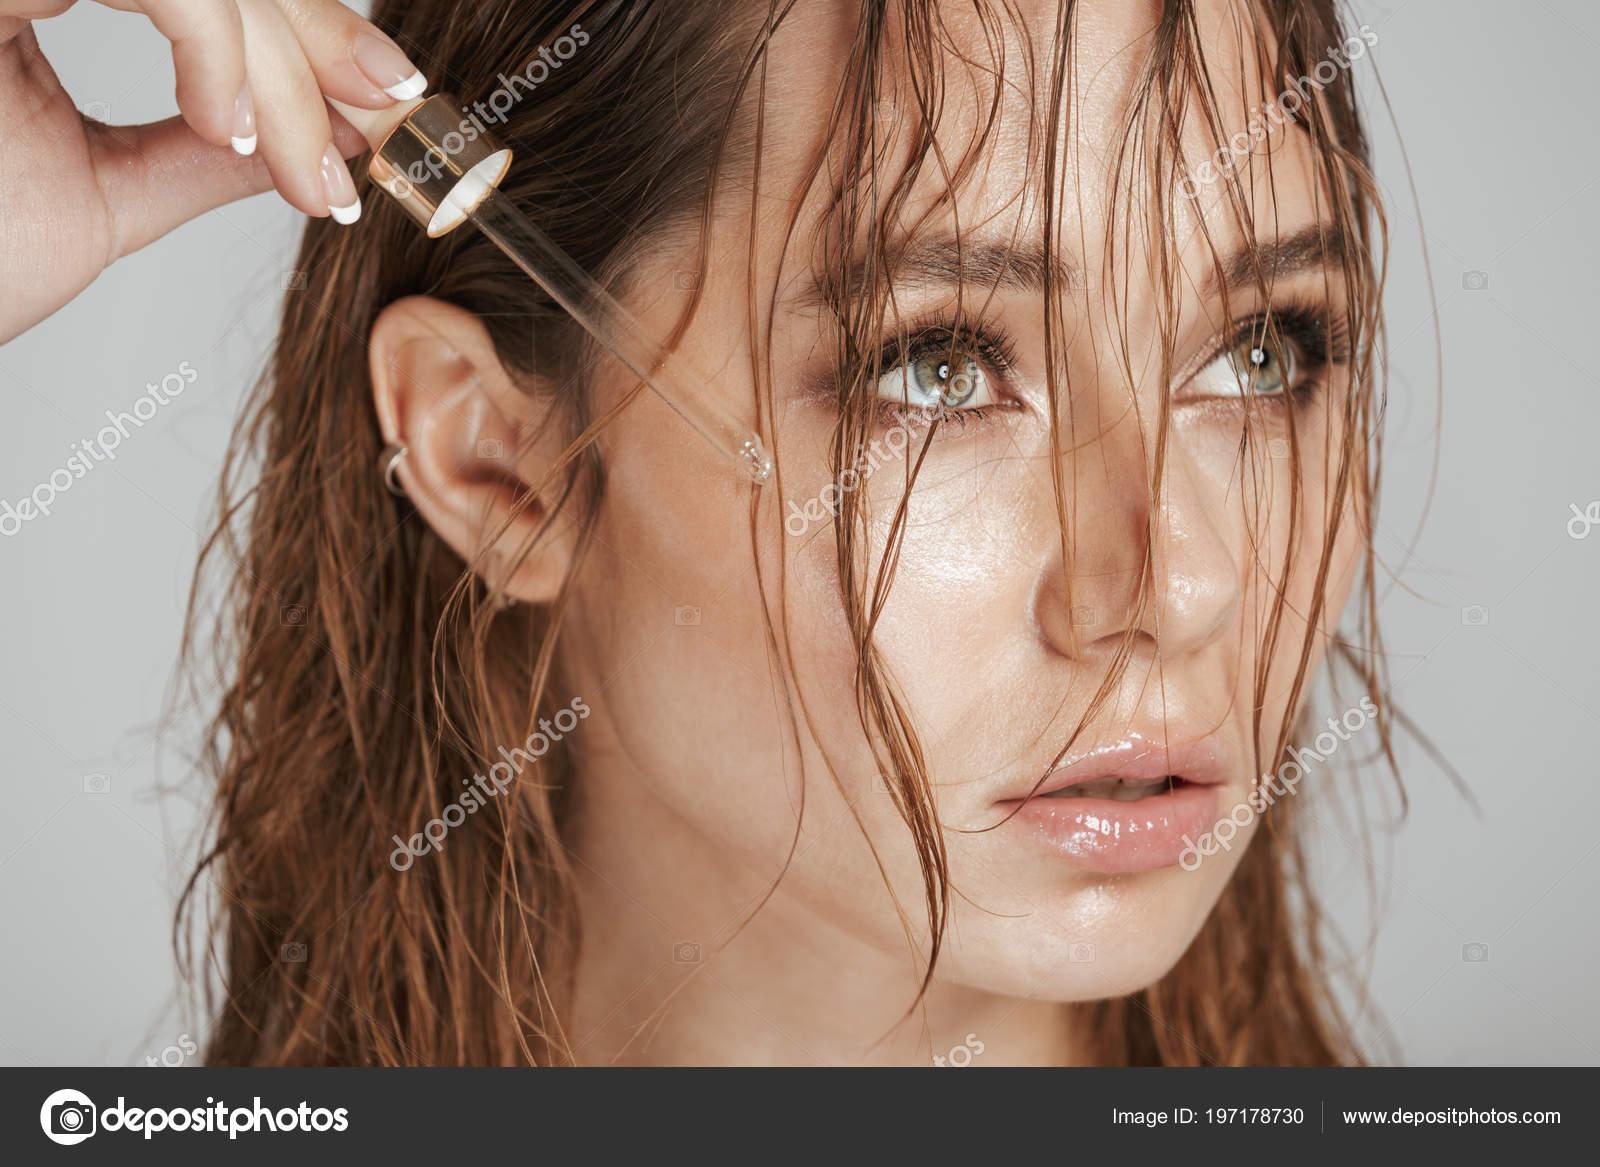 Фото мокрой женской дырки, Мокрые киски девок 65 фото 19 фотография